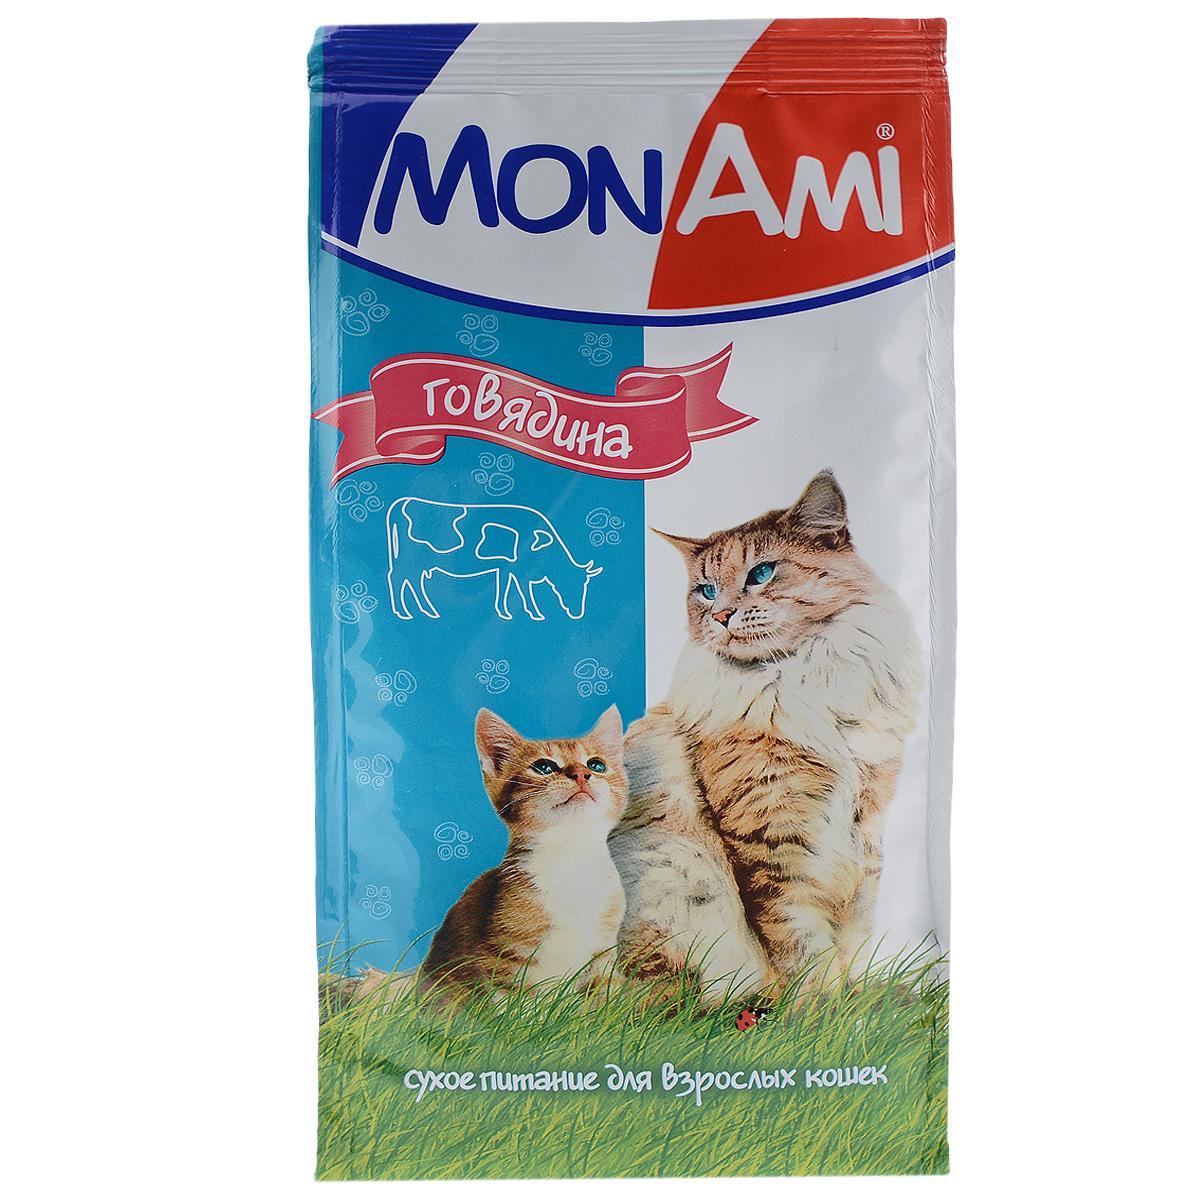 Корм сухой для кошек Mon Ami, с мясом говядины, 400 г55290Сухой корм для кошек Mon Ami - это полноценное сбалансированное питание для кошек, разработанное с использованием современных технологий. Особенности рациона: Необходимое сочетание ингредиентов для достижения правильной усвояемости питательных веществ организмом. Источник линолевой кислоты и правильного уровня витаминов группы В благотворно влияют на кожу и шерсть. Таурин - для здоровья глаз и сердца. Состав: злаки (пшеница, рис), экстракт белка растительного происхождения, мясо и мясопродукты (в т.ч. говядина-печень), подсолнечное масло, минеральные добавки, гидролизованная печень, пульпа сахарной свеклы (жом), витамины, пивные дрожжи, антиоксидант. Анализ: сырой протеин 30%, сырой жир 10%, сырая зола 7%, сырая клетчатка 2,5%, влажность 10%, фосфор 0,9%, кальций 1,05%, витамин А 5000 МЕ/кг, витамин Д 500 МЕ/кг, витамин Е 30 мг/кг. Энергетическая ценность: 333 ккал/100 г. Товар сертифицирован.